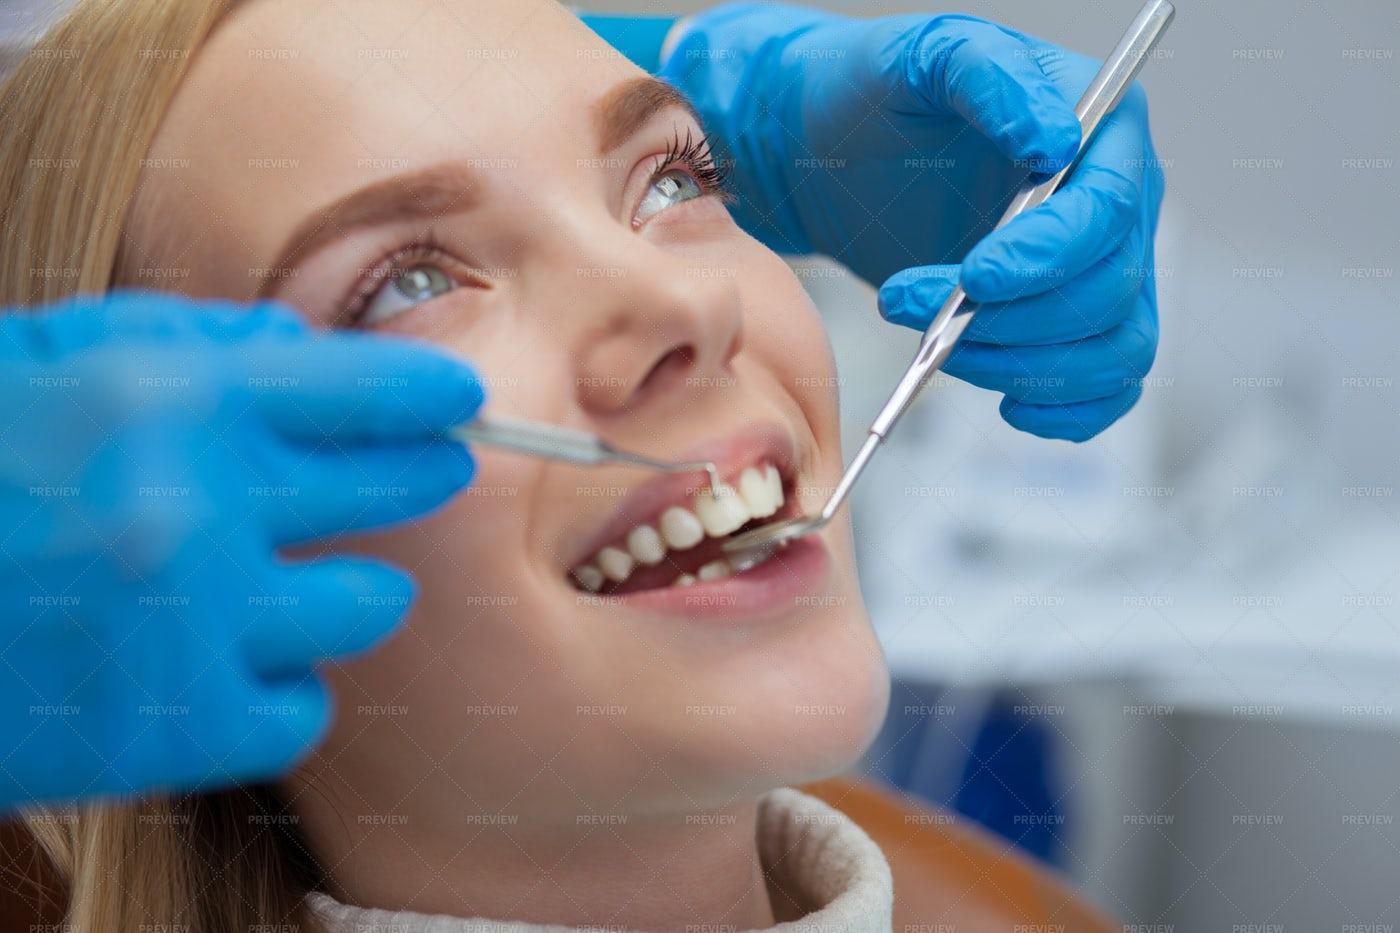 A Dental Checkup: Stock Photos